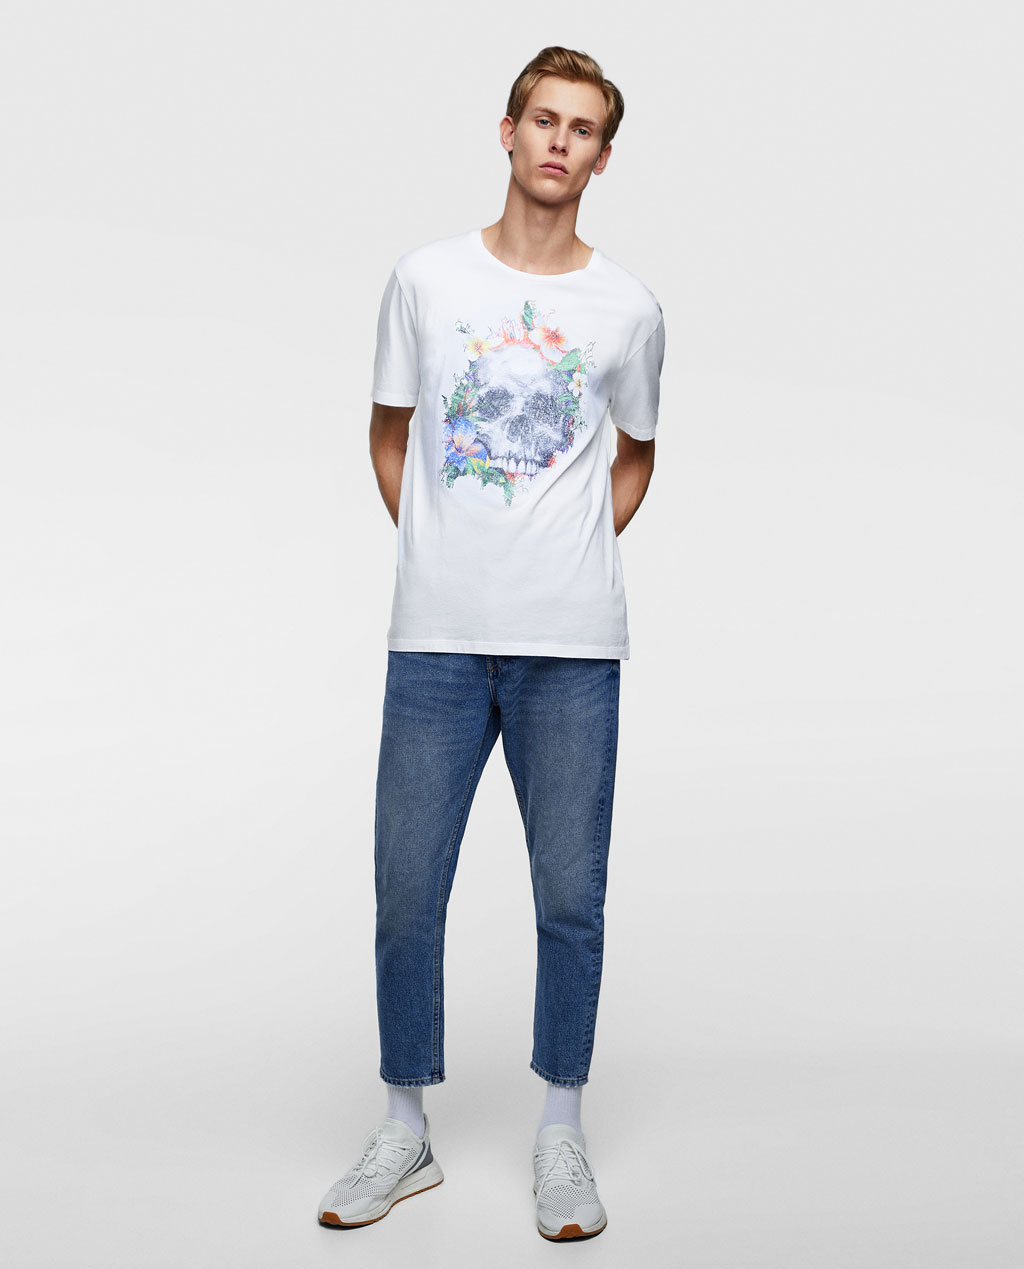 Thời trang nam Zara   - ảnh 3